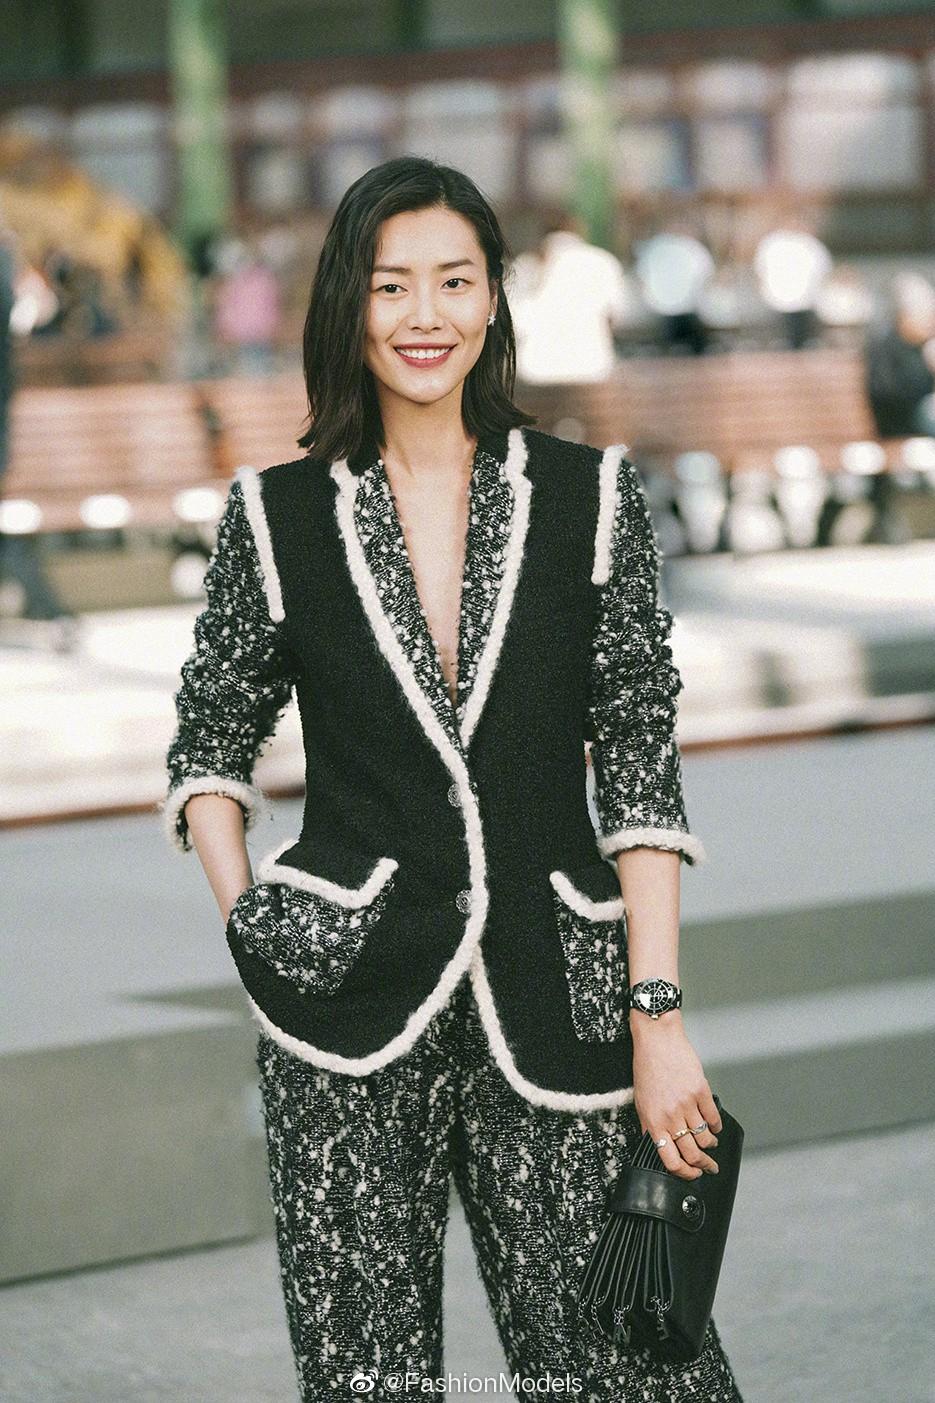 Đến hẹn lại lên, vợ chồng Châu Kiệt Luân - Côn Lăng chặt chém dàn khách mời VIP nhất Paris - Ảnh 9.